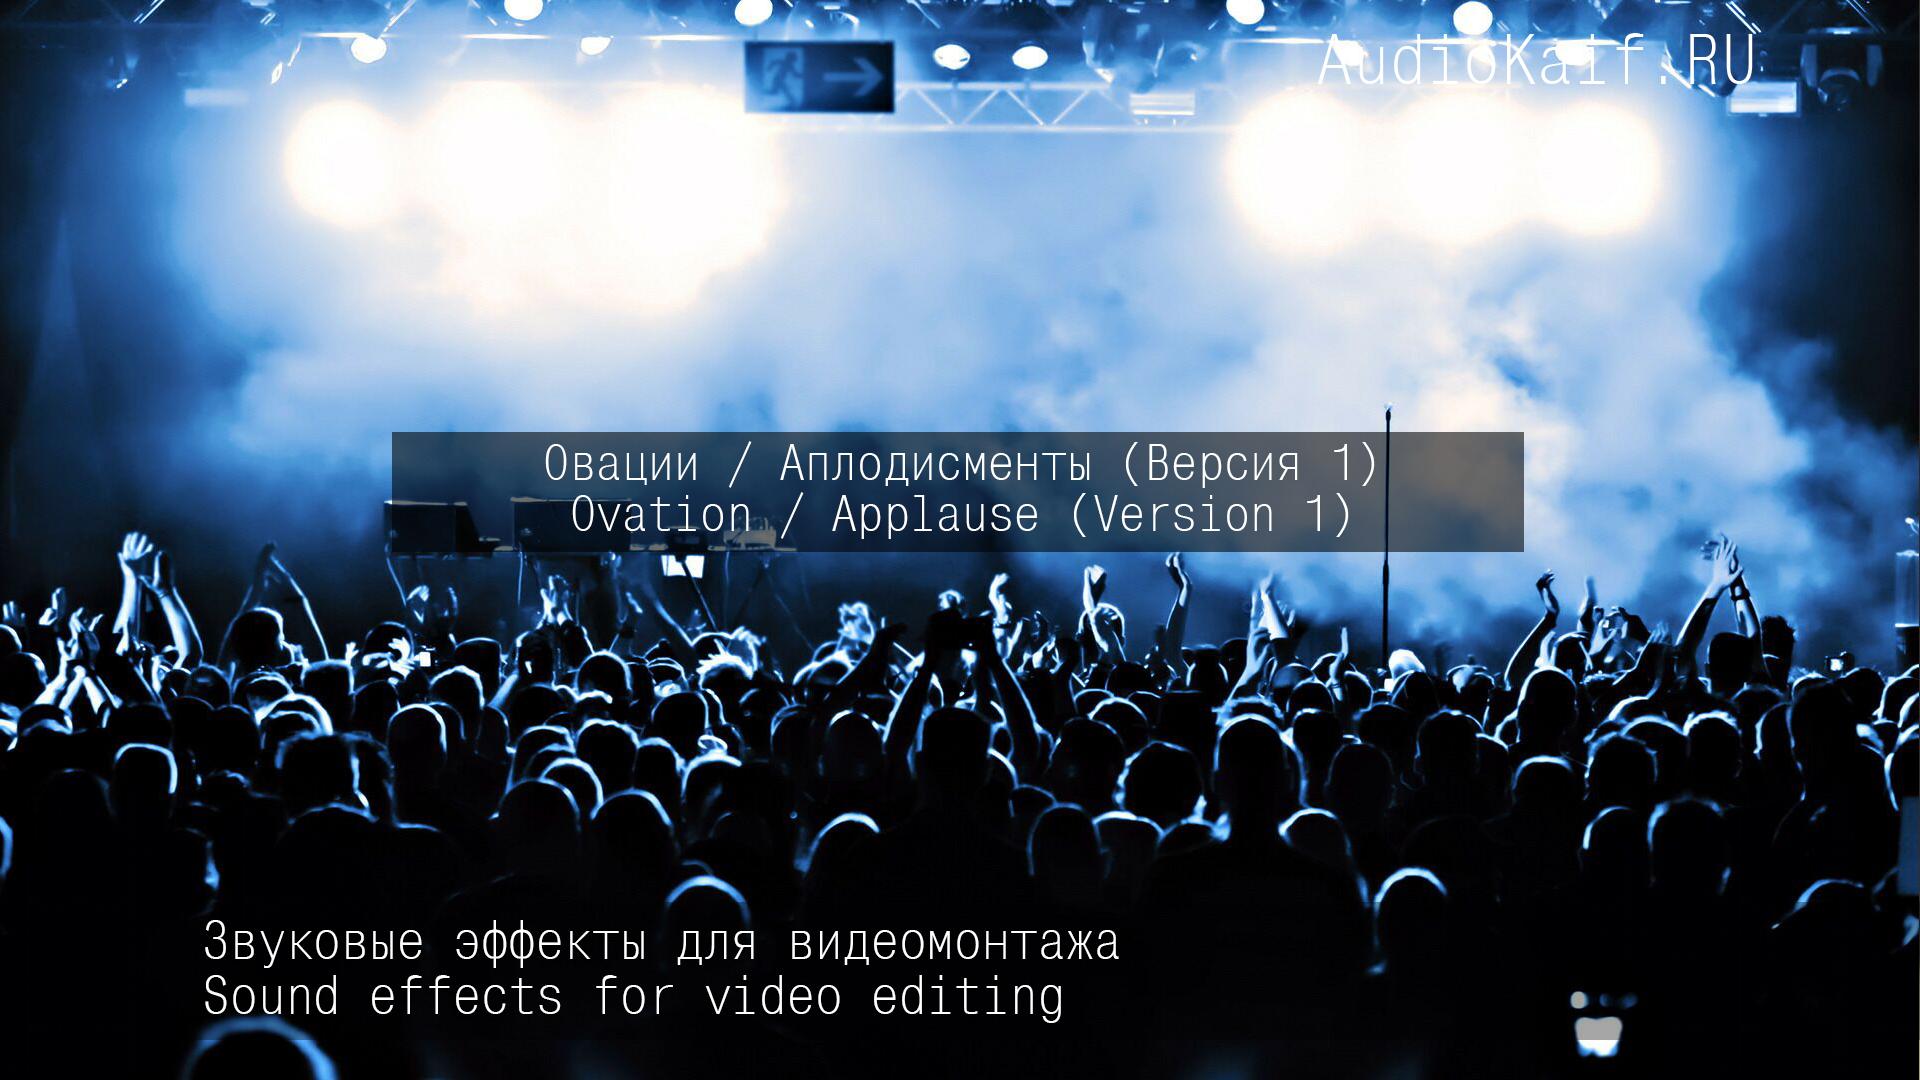 Звуковые 3D эффекты для видеомонтажа - Овации, аплодисменты (Версия 1)